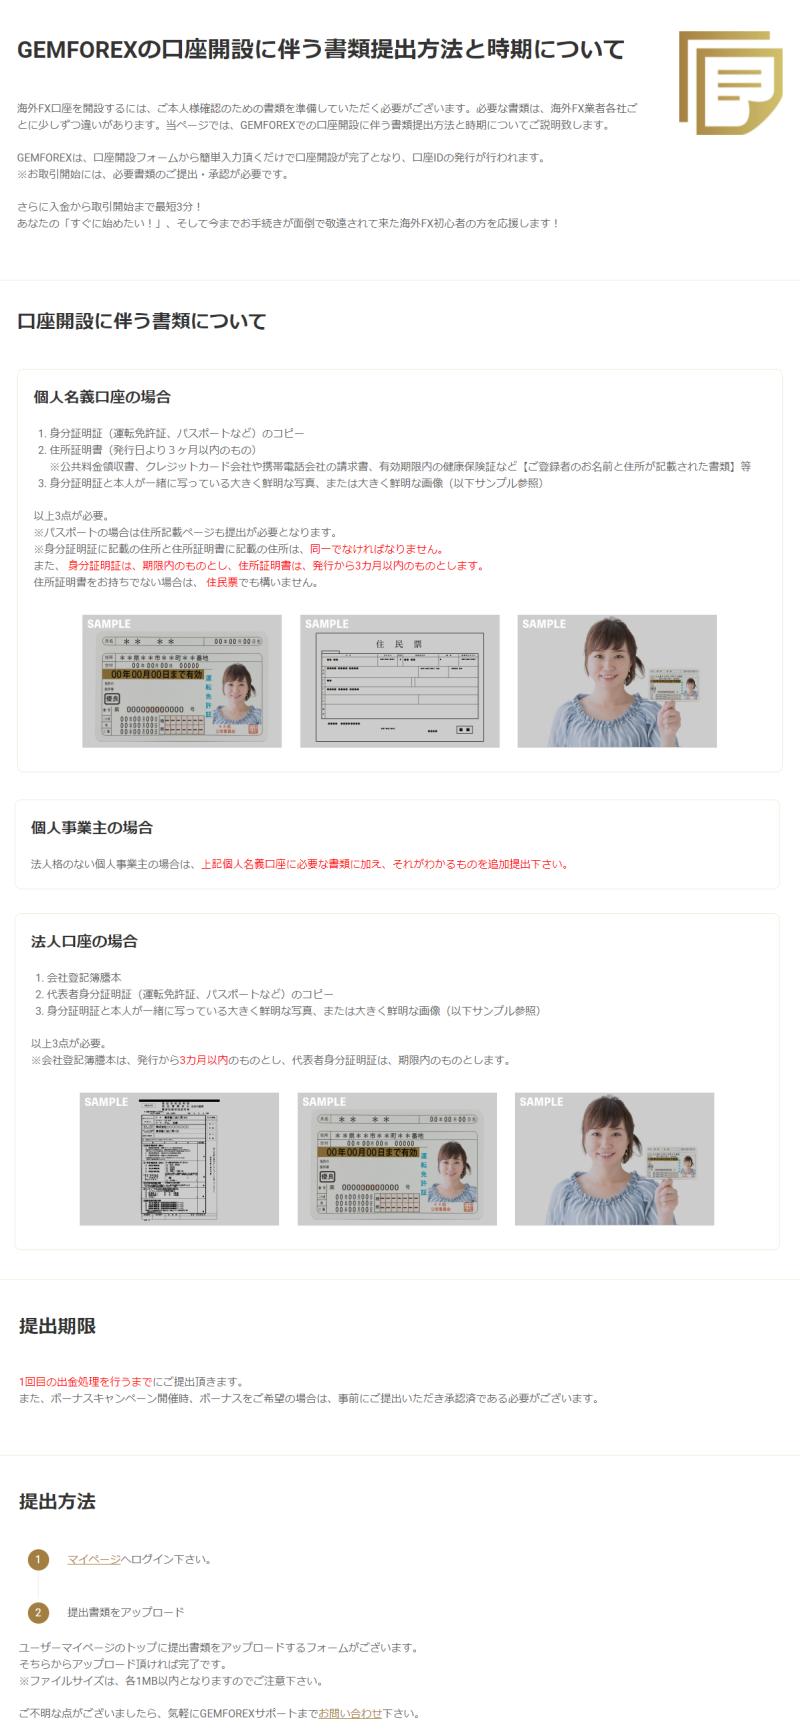 gemforex_account_register_08_800x1734